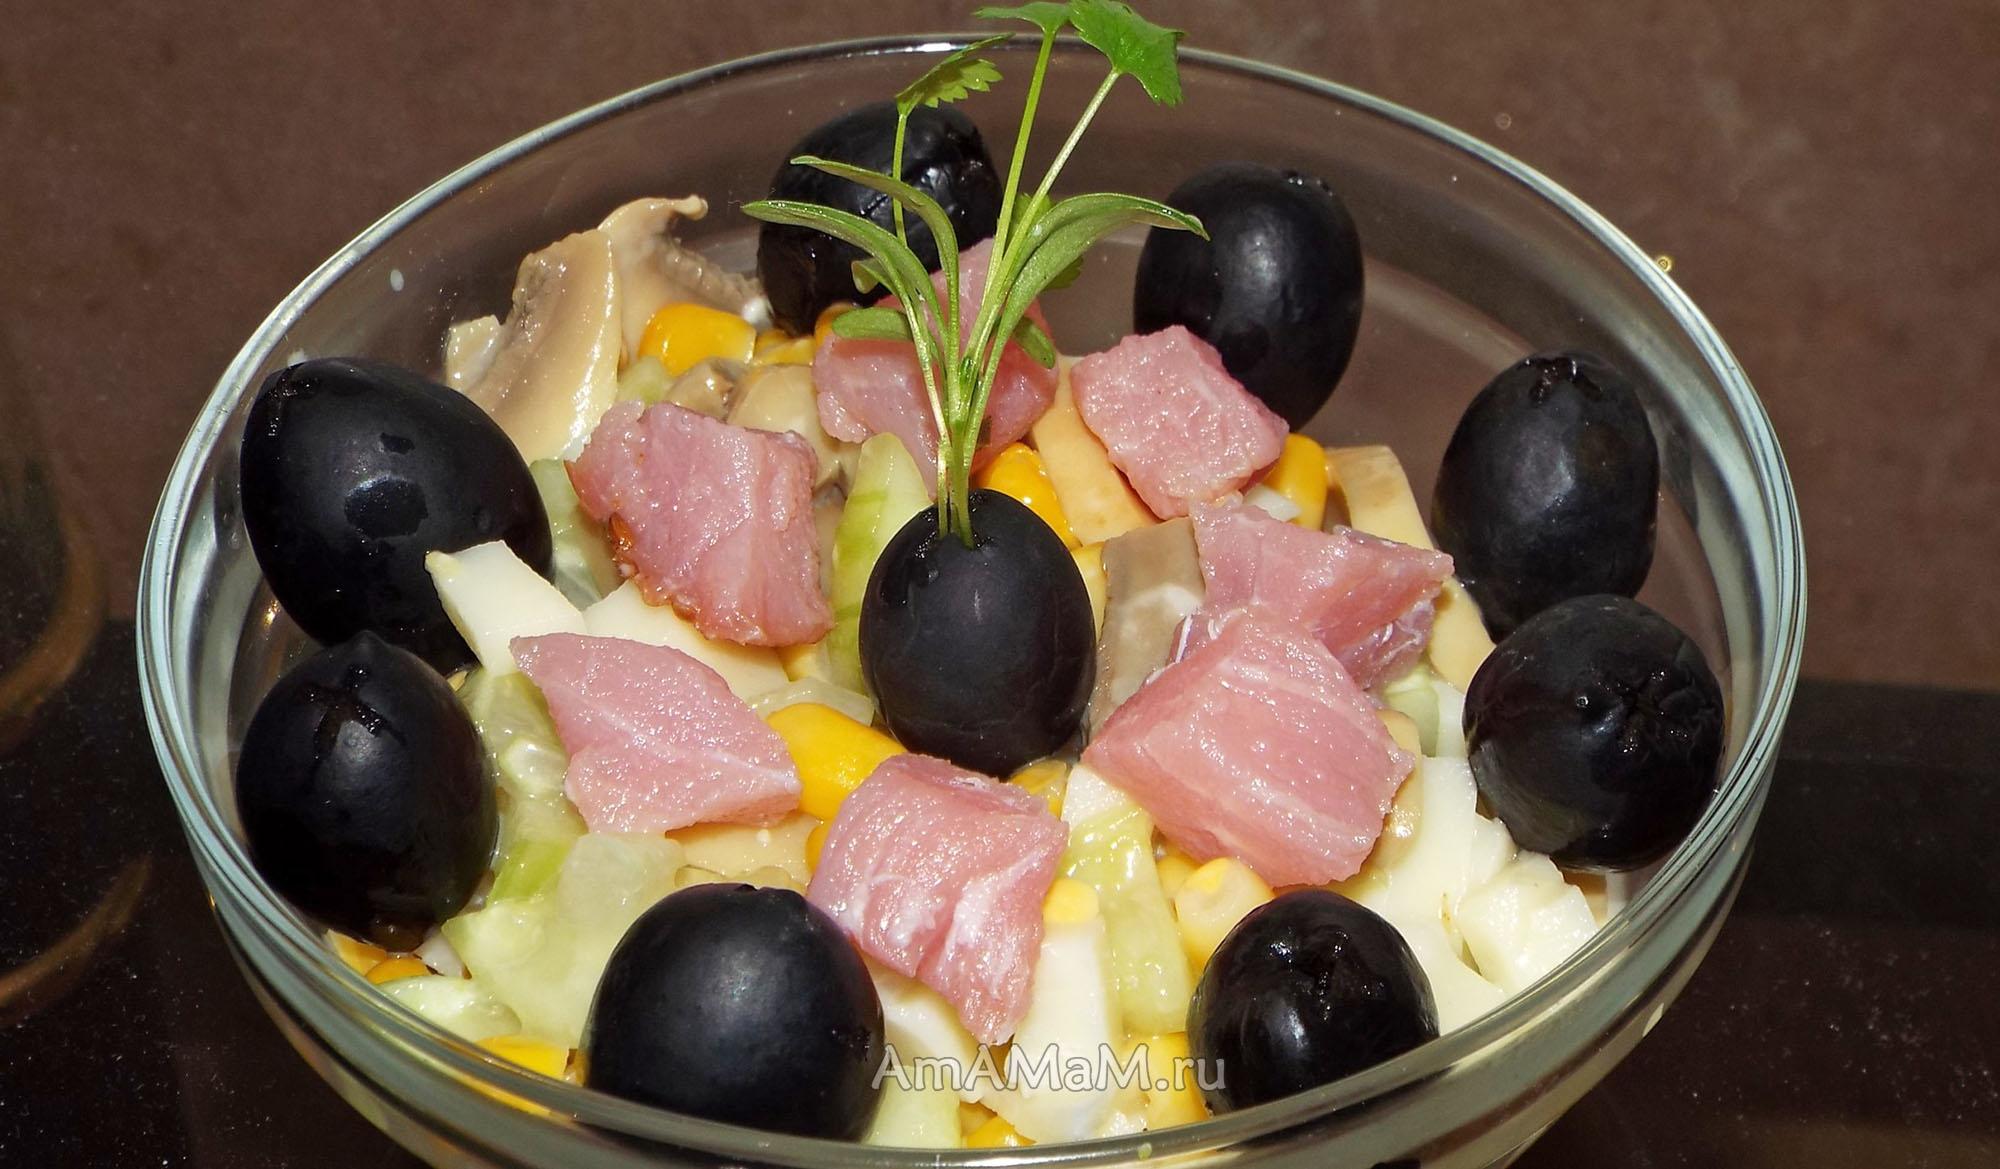 вкусный салат с грибами и кукурузой рецепт